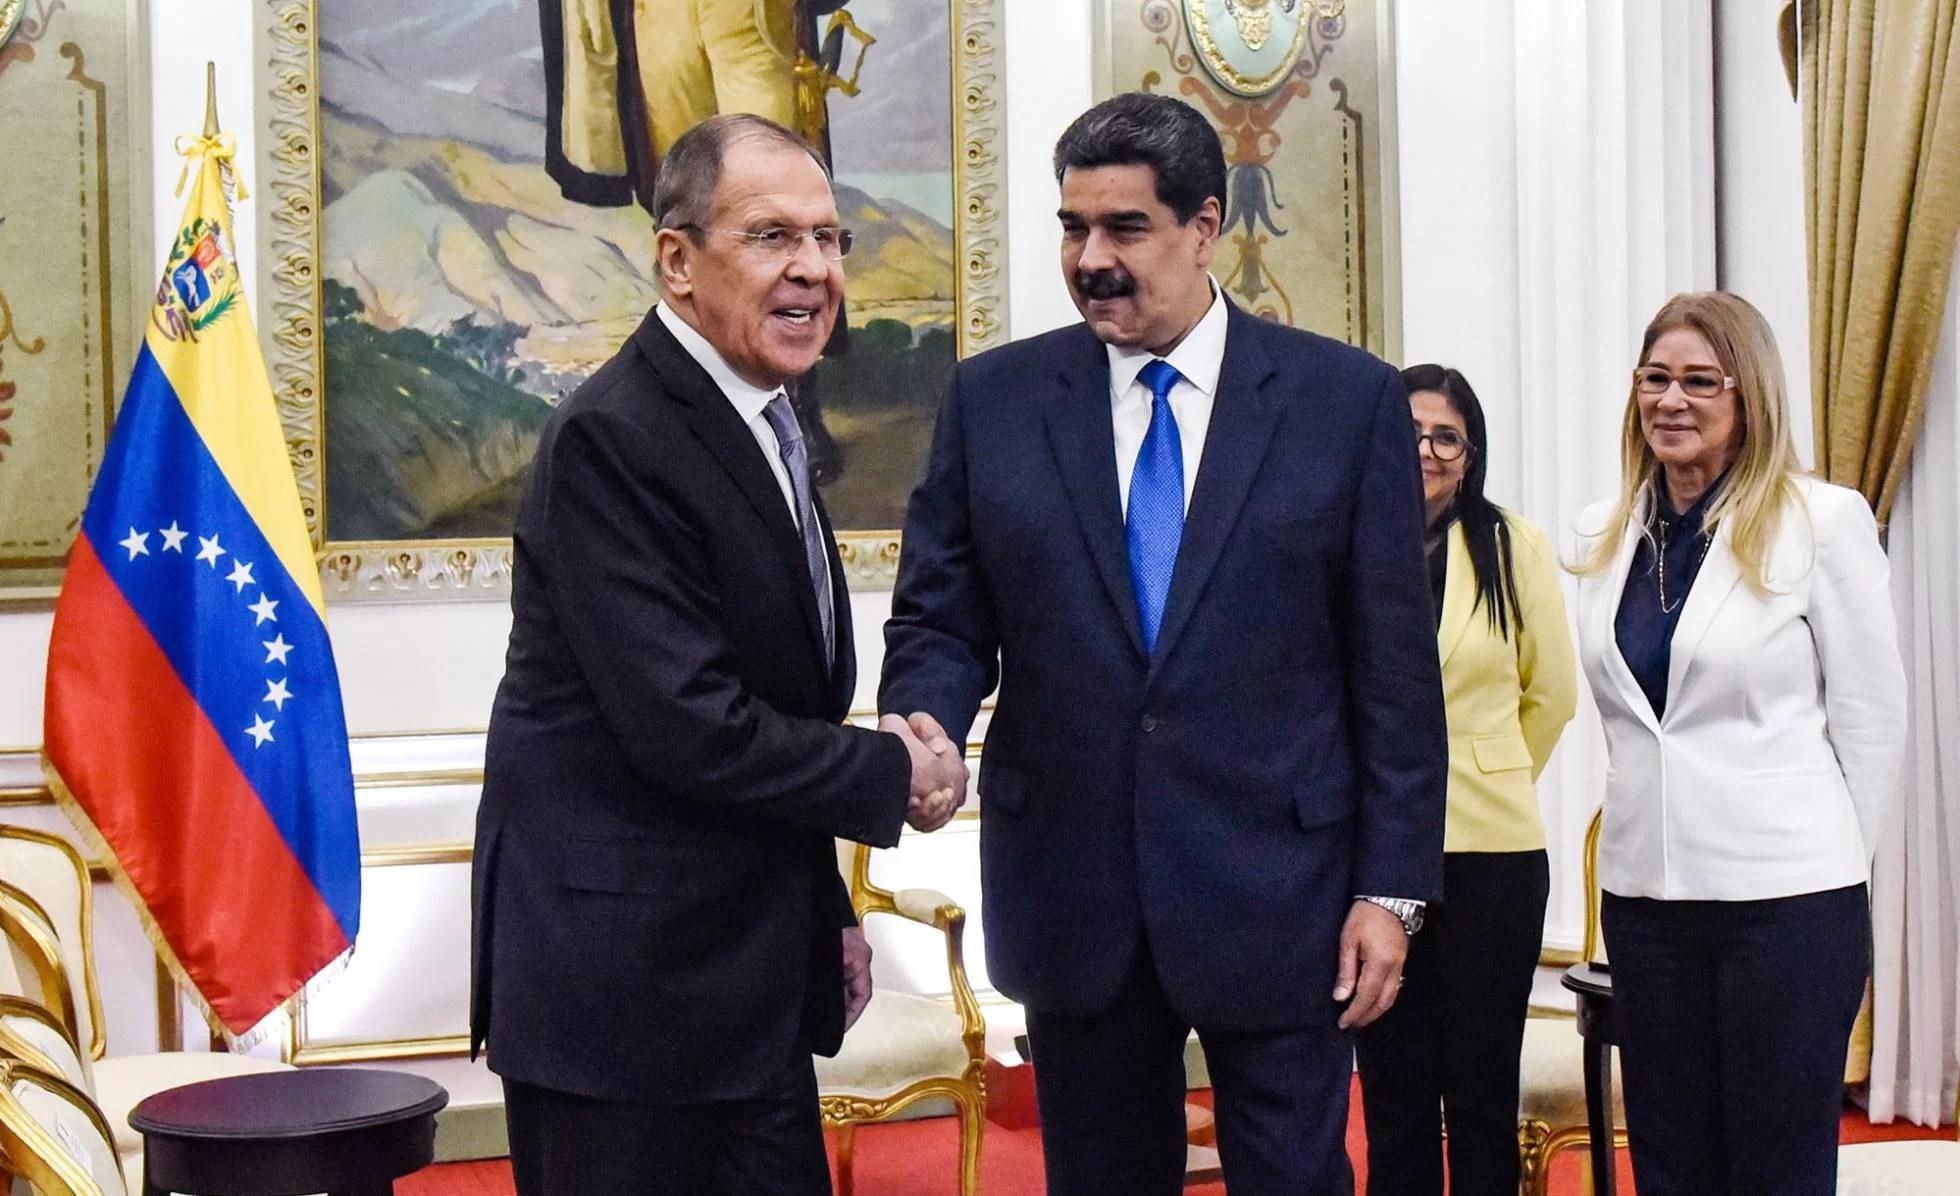 Los gringos reculan y pegan el grito... ante apoyo Ruso a Venezuela...